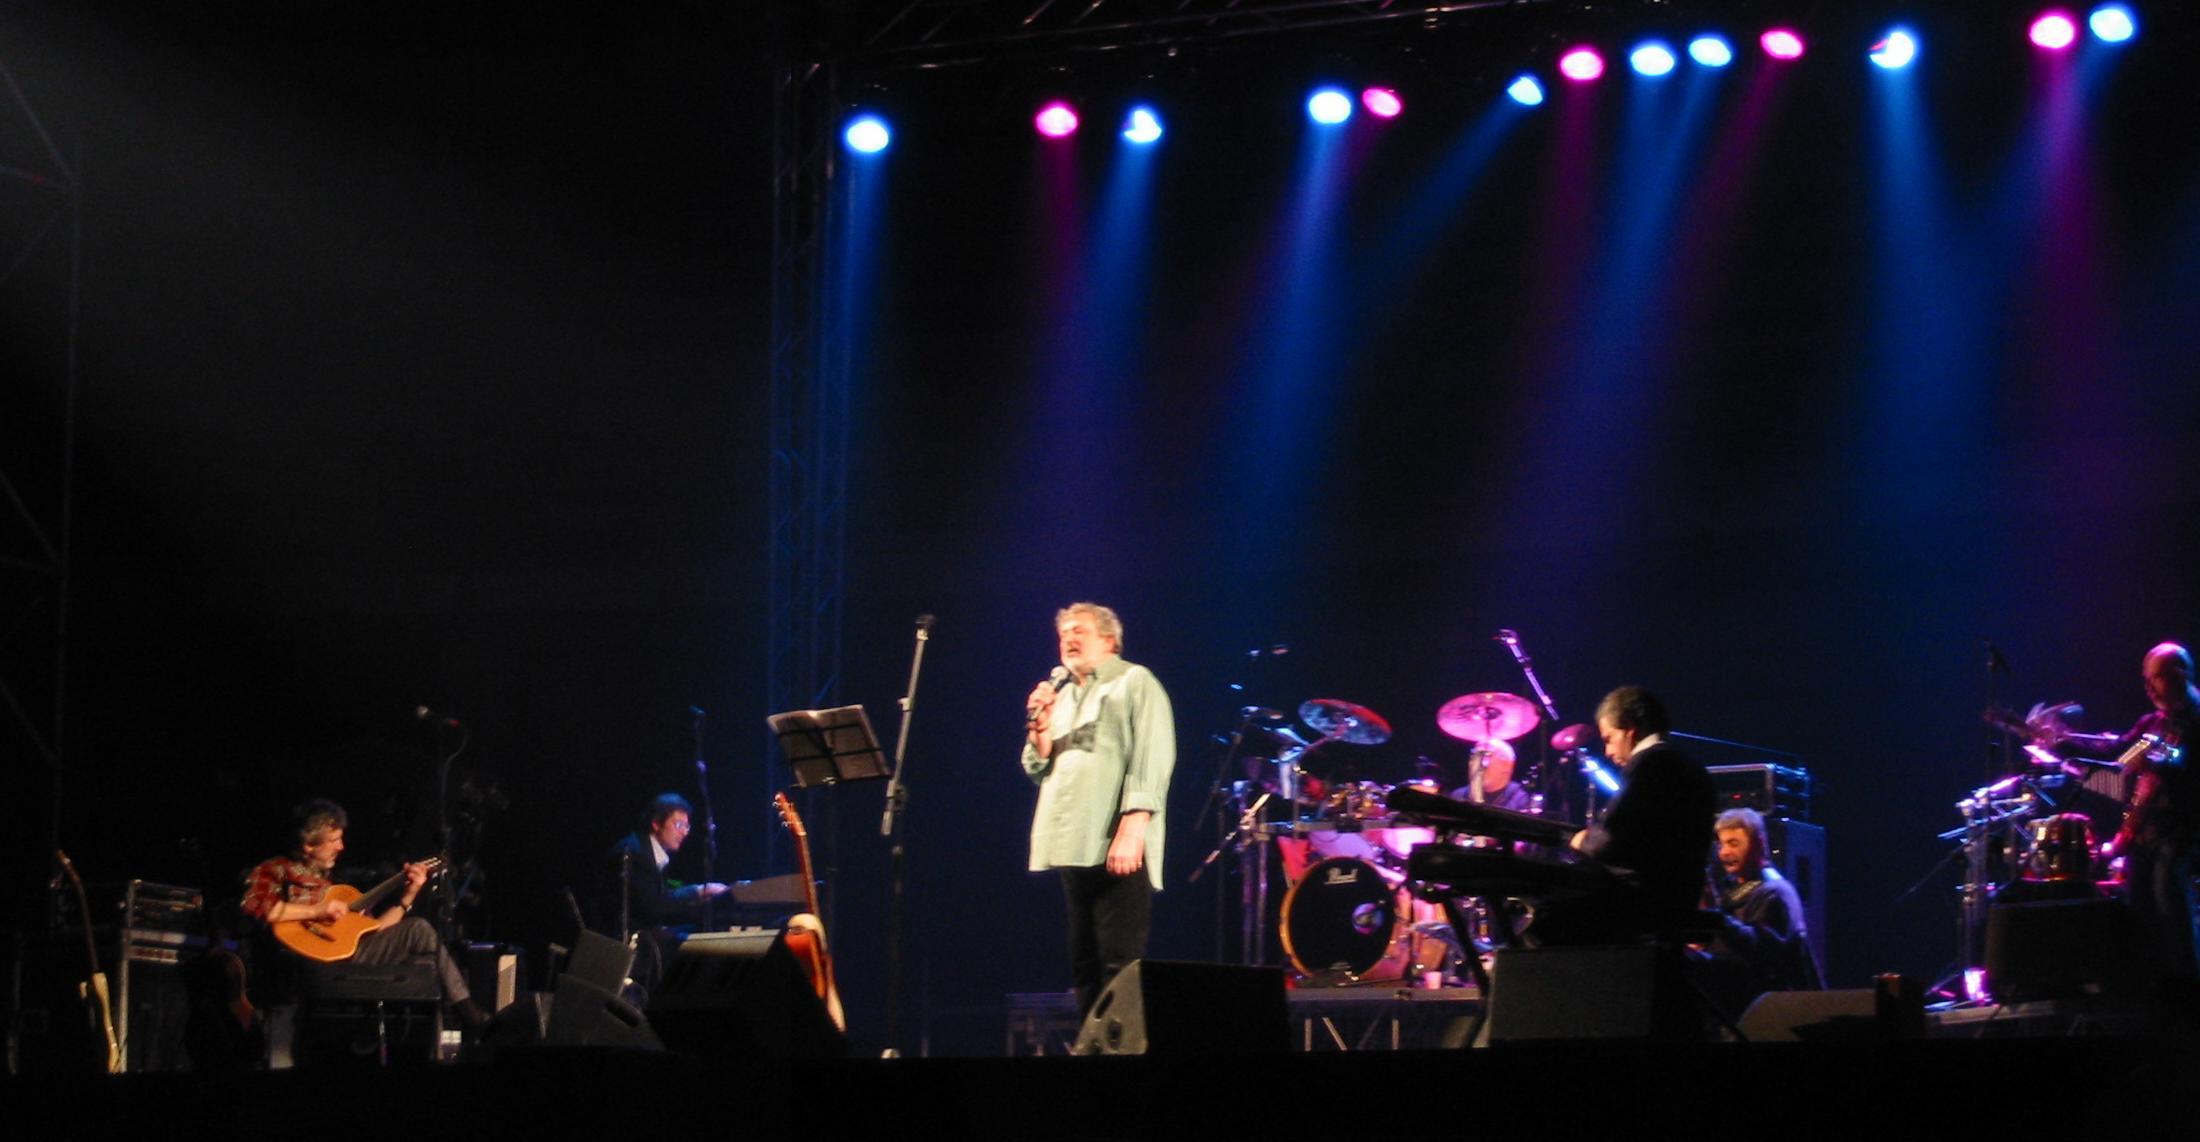 """Guccini en concierto en el Palaghiaccio de Marino, marzo 2003.De izquierda a derecha: """"Flaco"""" Biondini (guitarra), Roberto Manuzzi (teclado), Francesco Guccini, los ex miembros de The Pleasure Machine (Ellade Bandini (batería), Vence Tempera (teclados) y Ares Tavolazzi (bajo)), y Antonio Marangolo (saxo)."""